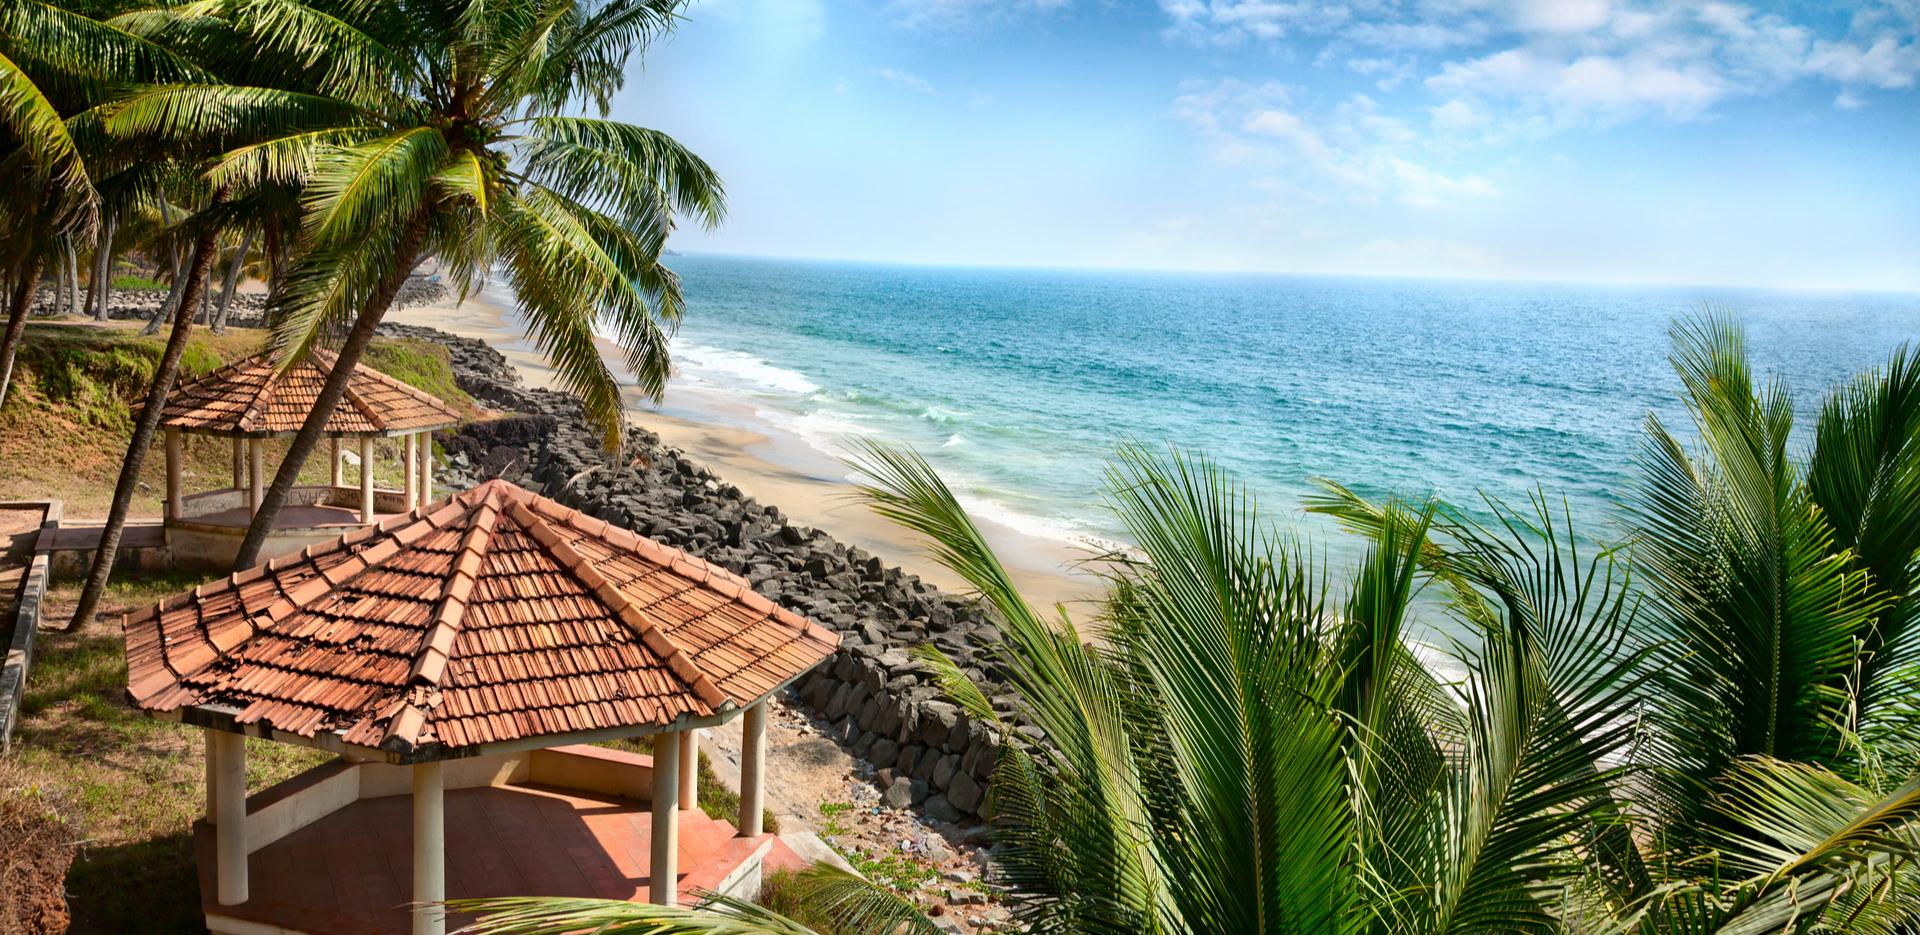 Kerala Resort View